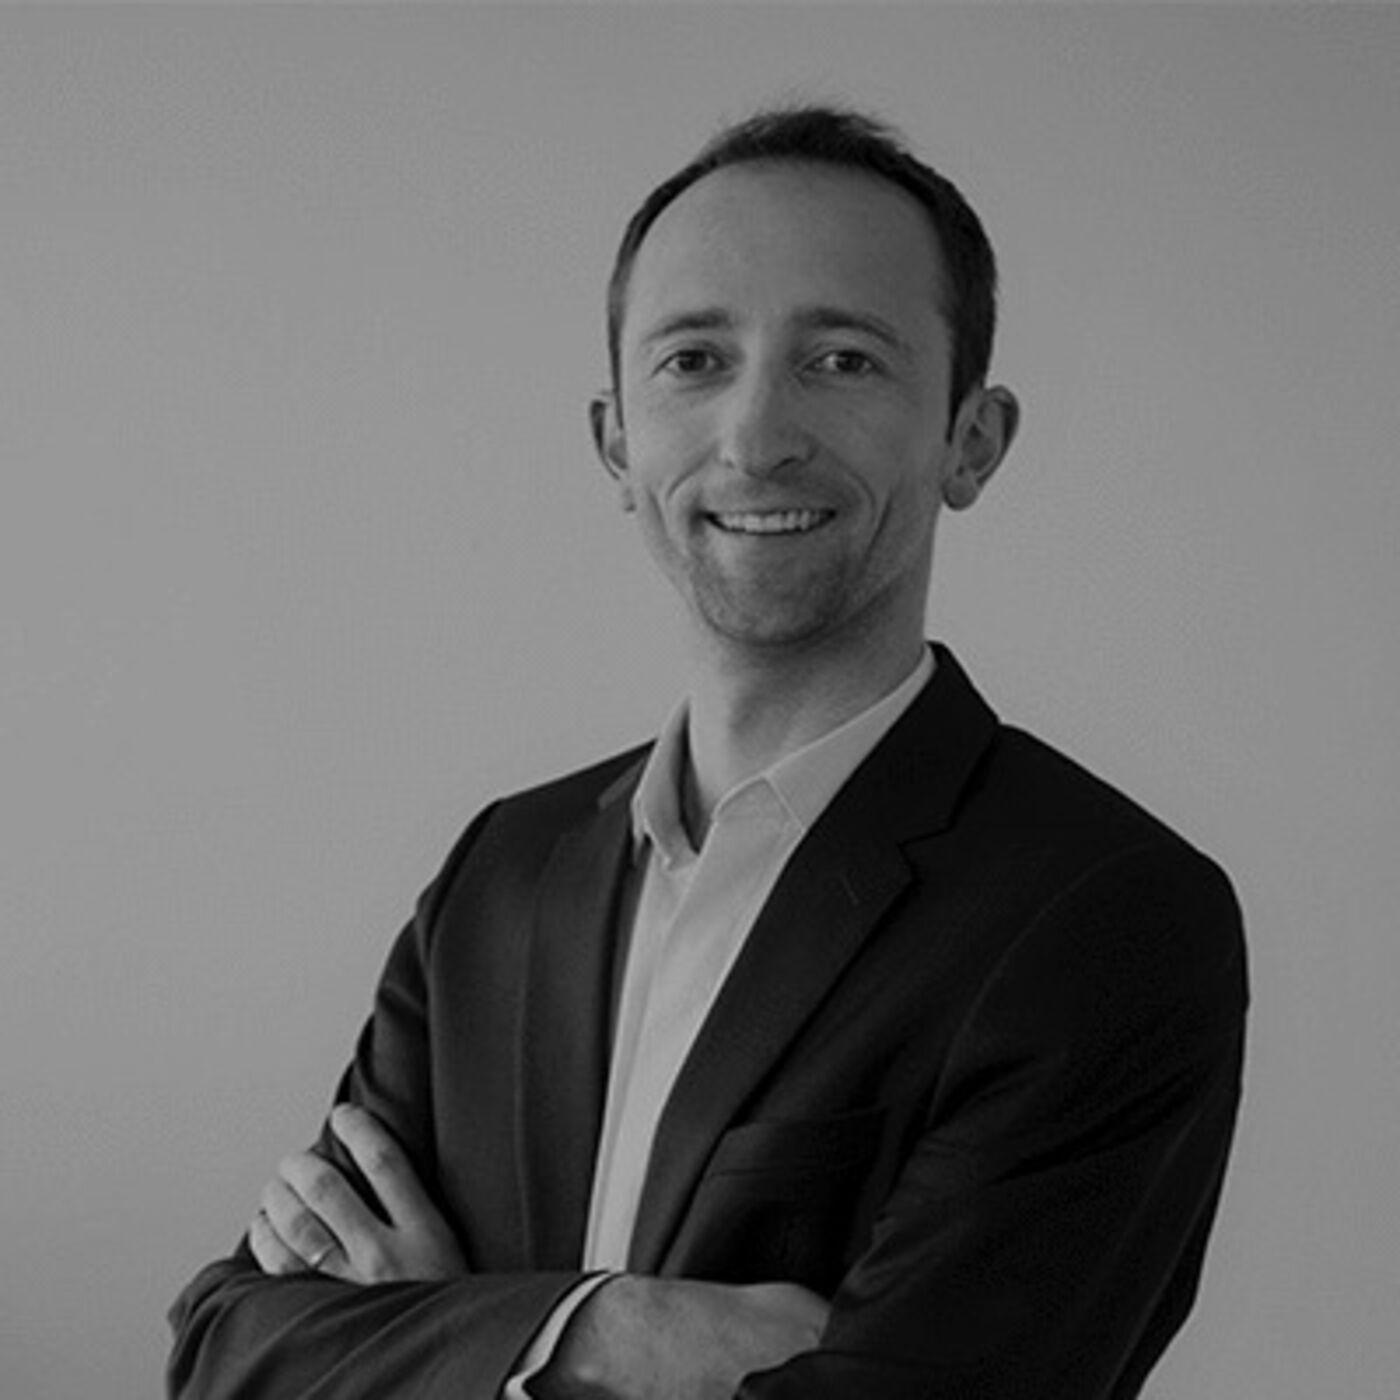 Entretien avec Jérémy Caussade président et co-fondateur d'Aura Aero